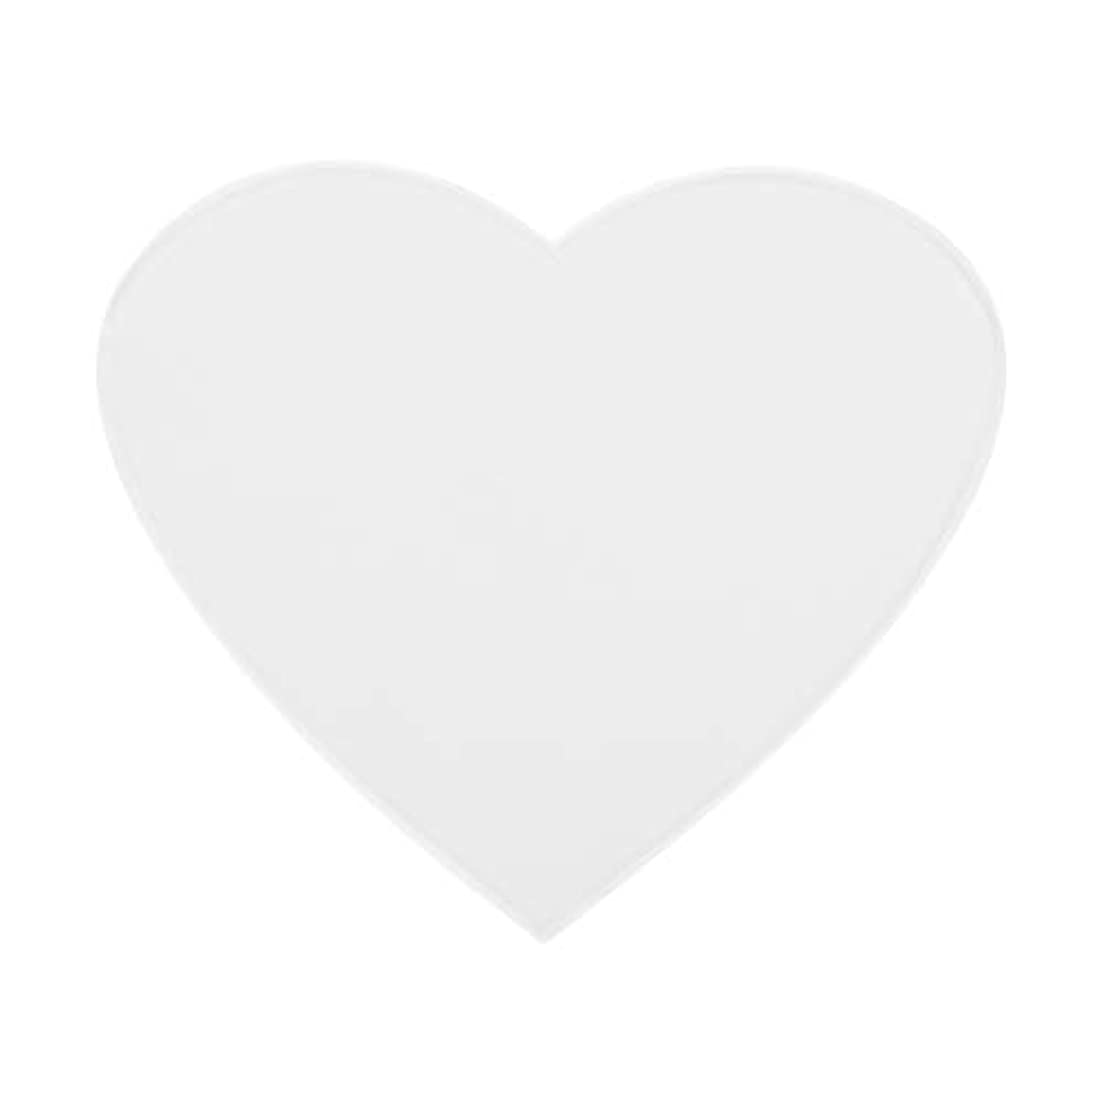 オートメーション哲学博士弁護士アンチリンクルシリコンチェストパッドケア再利用可能パッド(心臓)